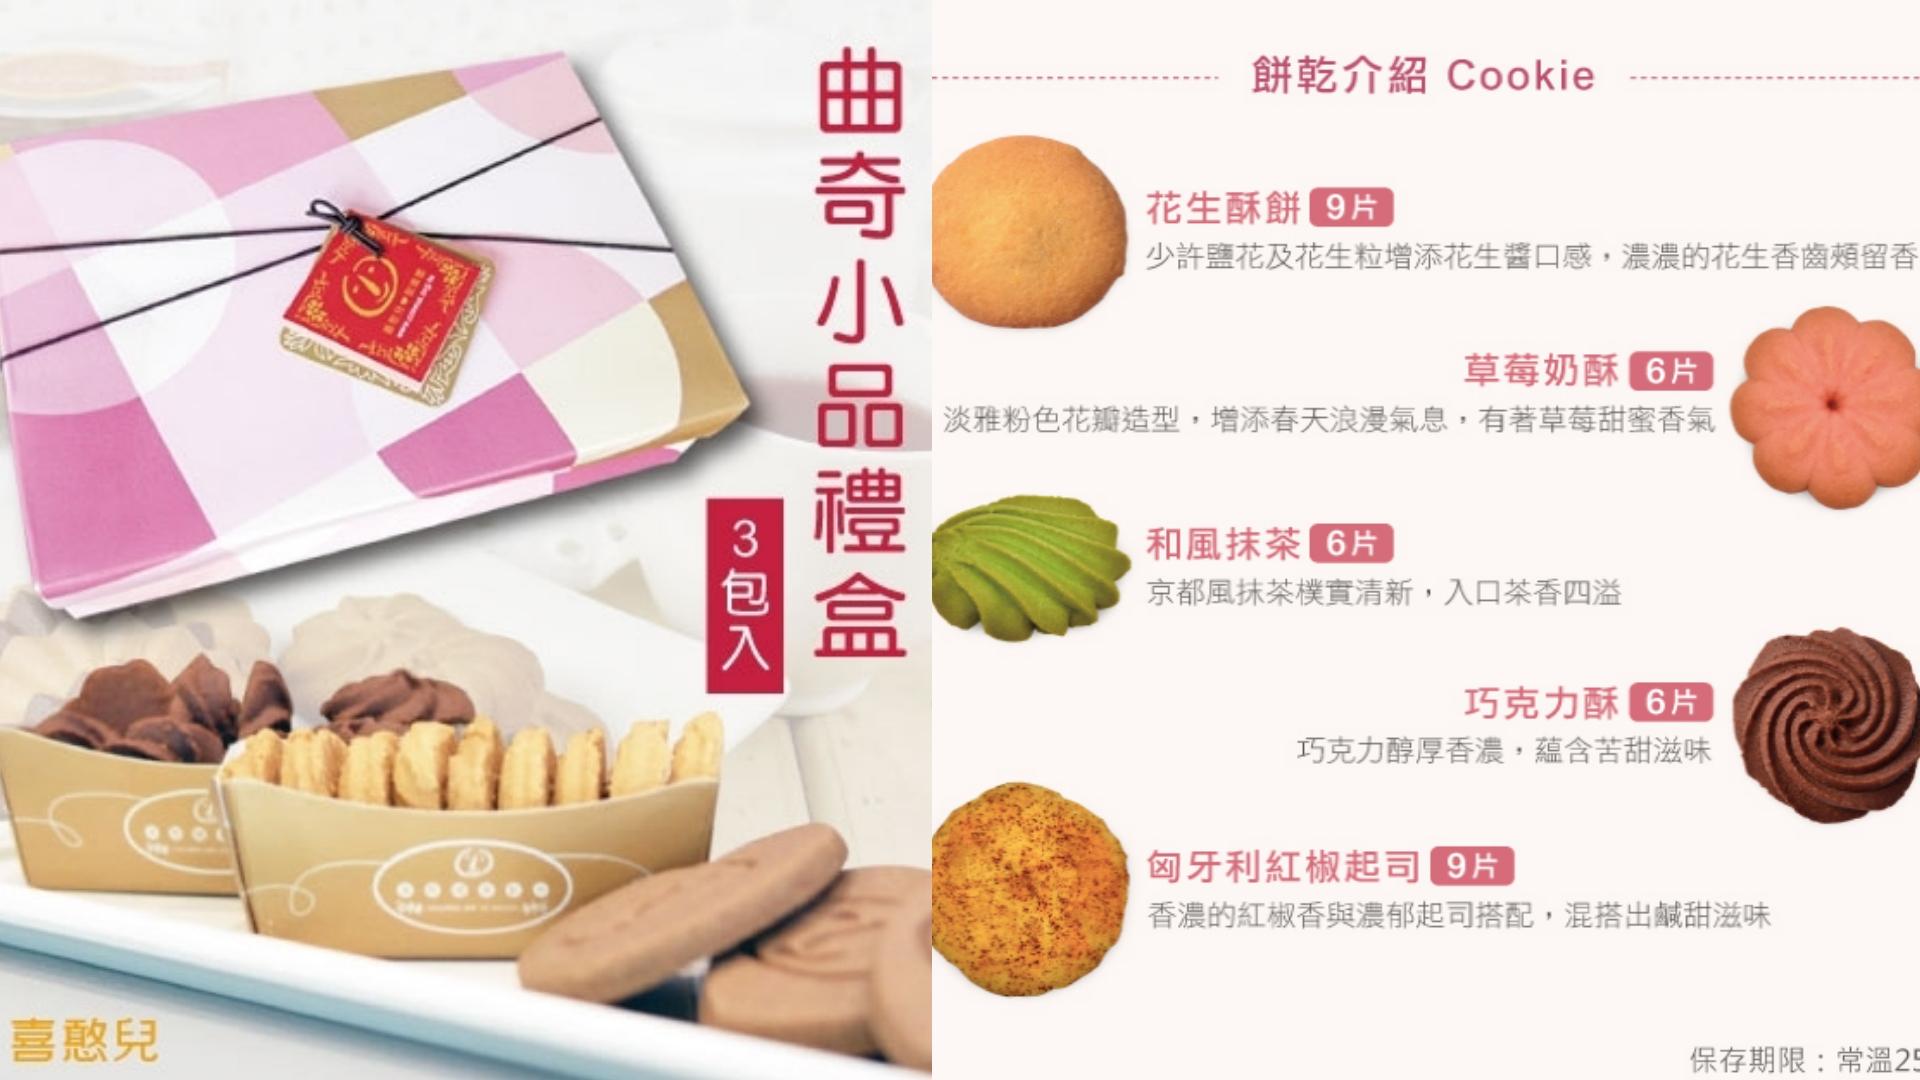 餅乾的製作過程都是採用紐西蘭純淨的安佳奶油和保久乳,吃起來品質保證絕對安心